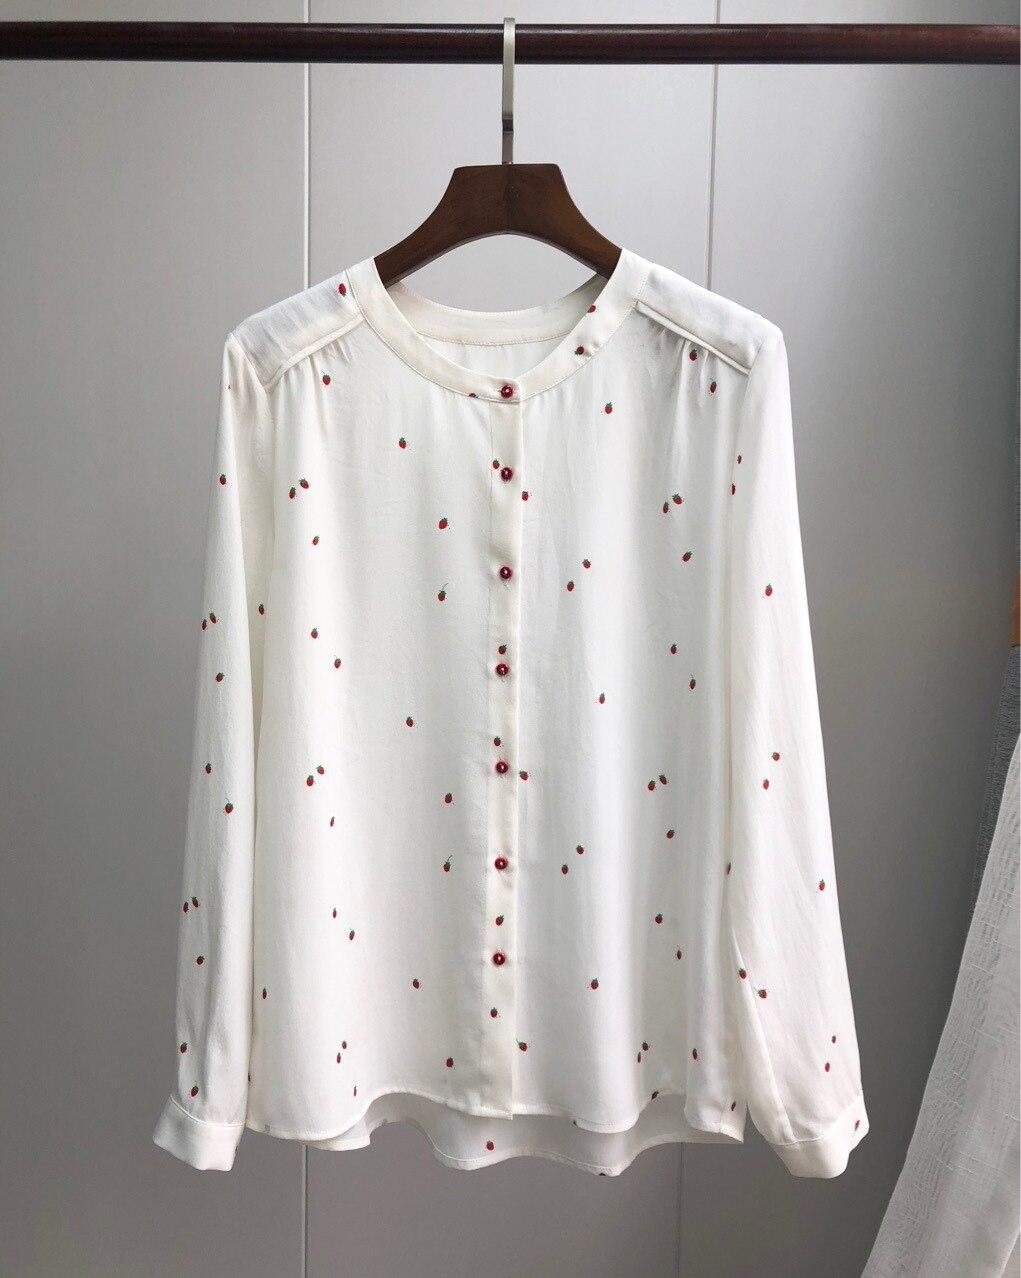 딸기 긴팔 실크 셔츠 2019 이른 봄 프랑스의 연인 브랜드 신선하고 즐거운 모래 세척 실크 여성 셔츠-에서블라우스 & 셔츠부터 여성 의류 의  그룹 1